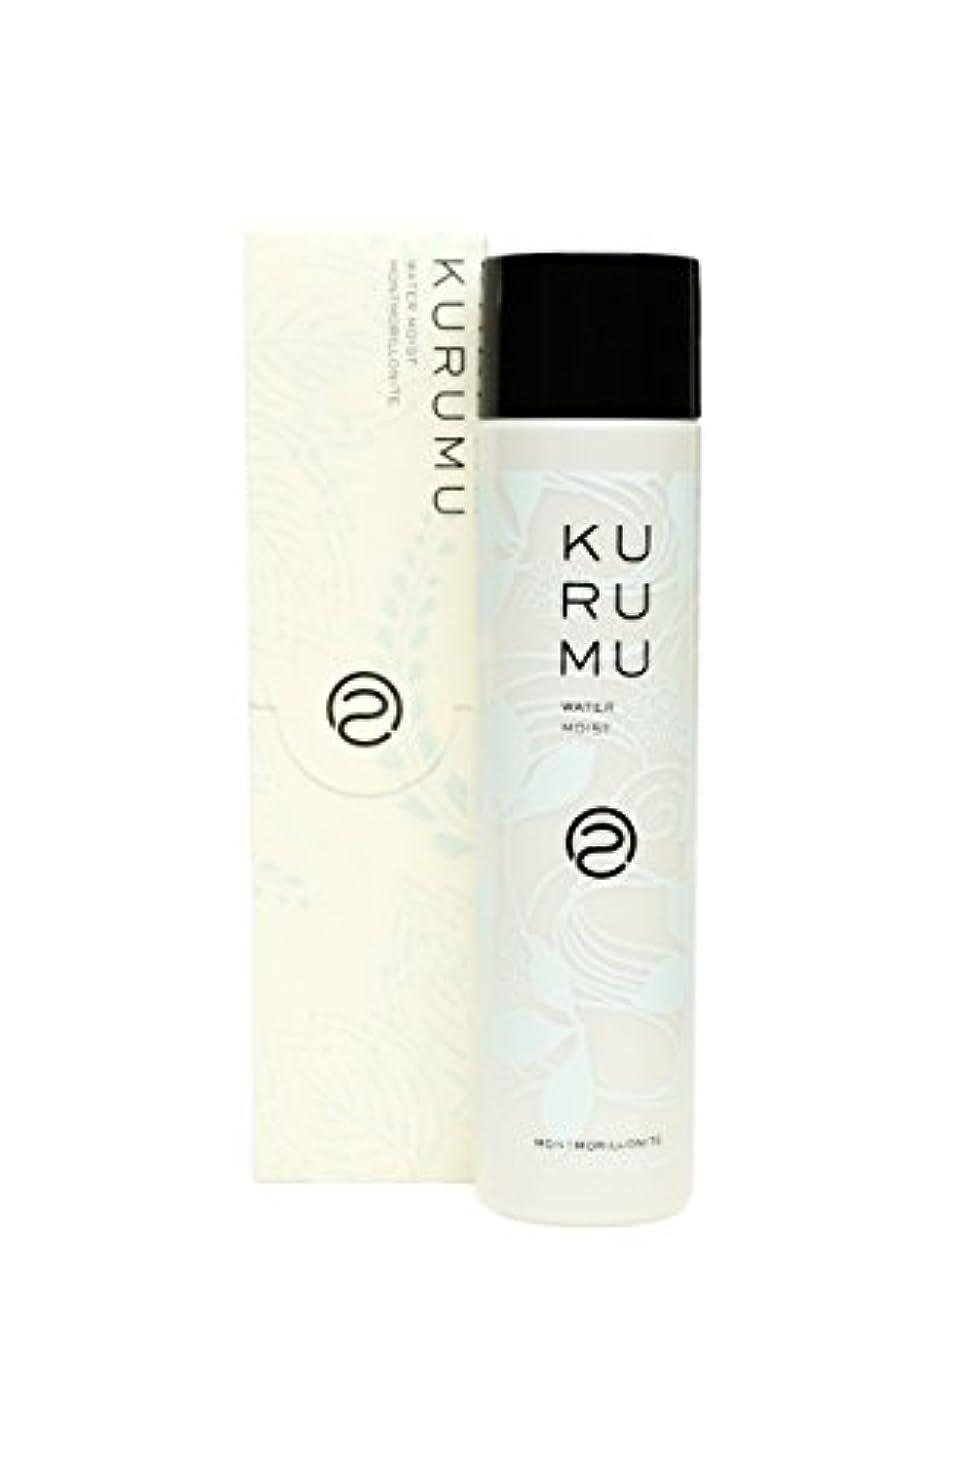 ストラップ美しいパイプKURUMUウォーターモイスト〈化粧水〉150ml